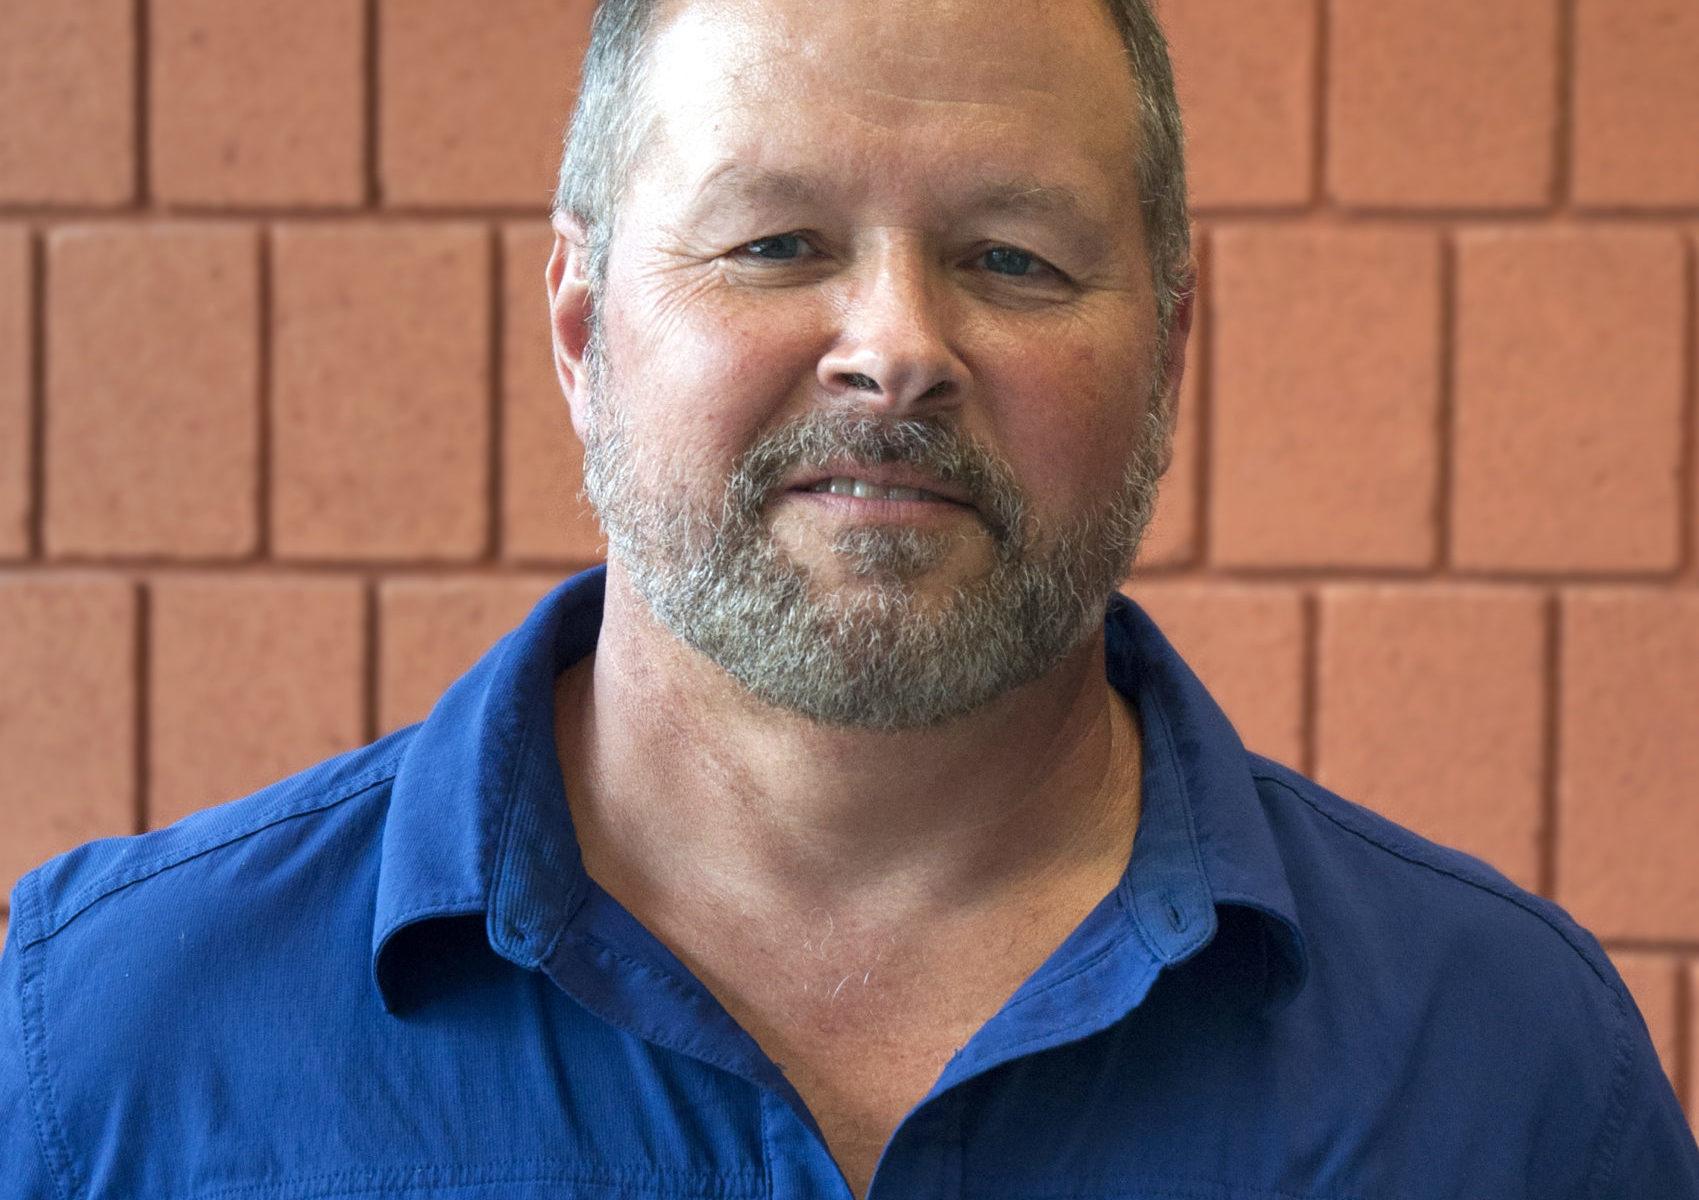 Brian Leib